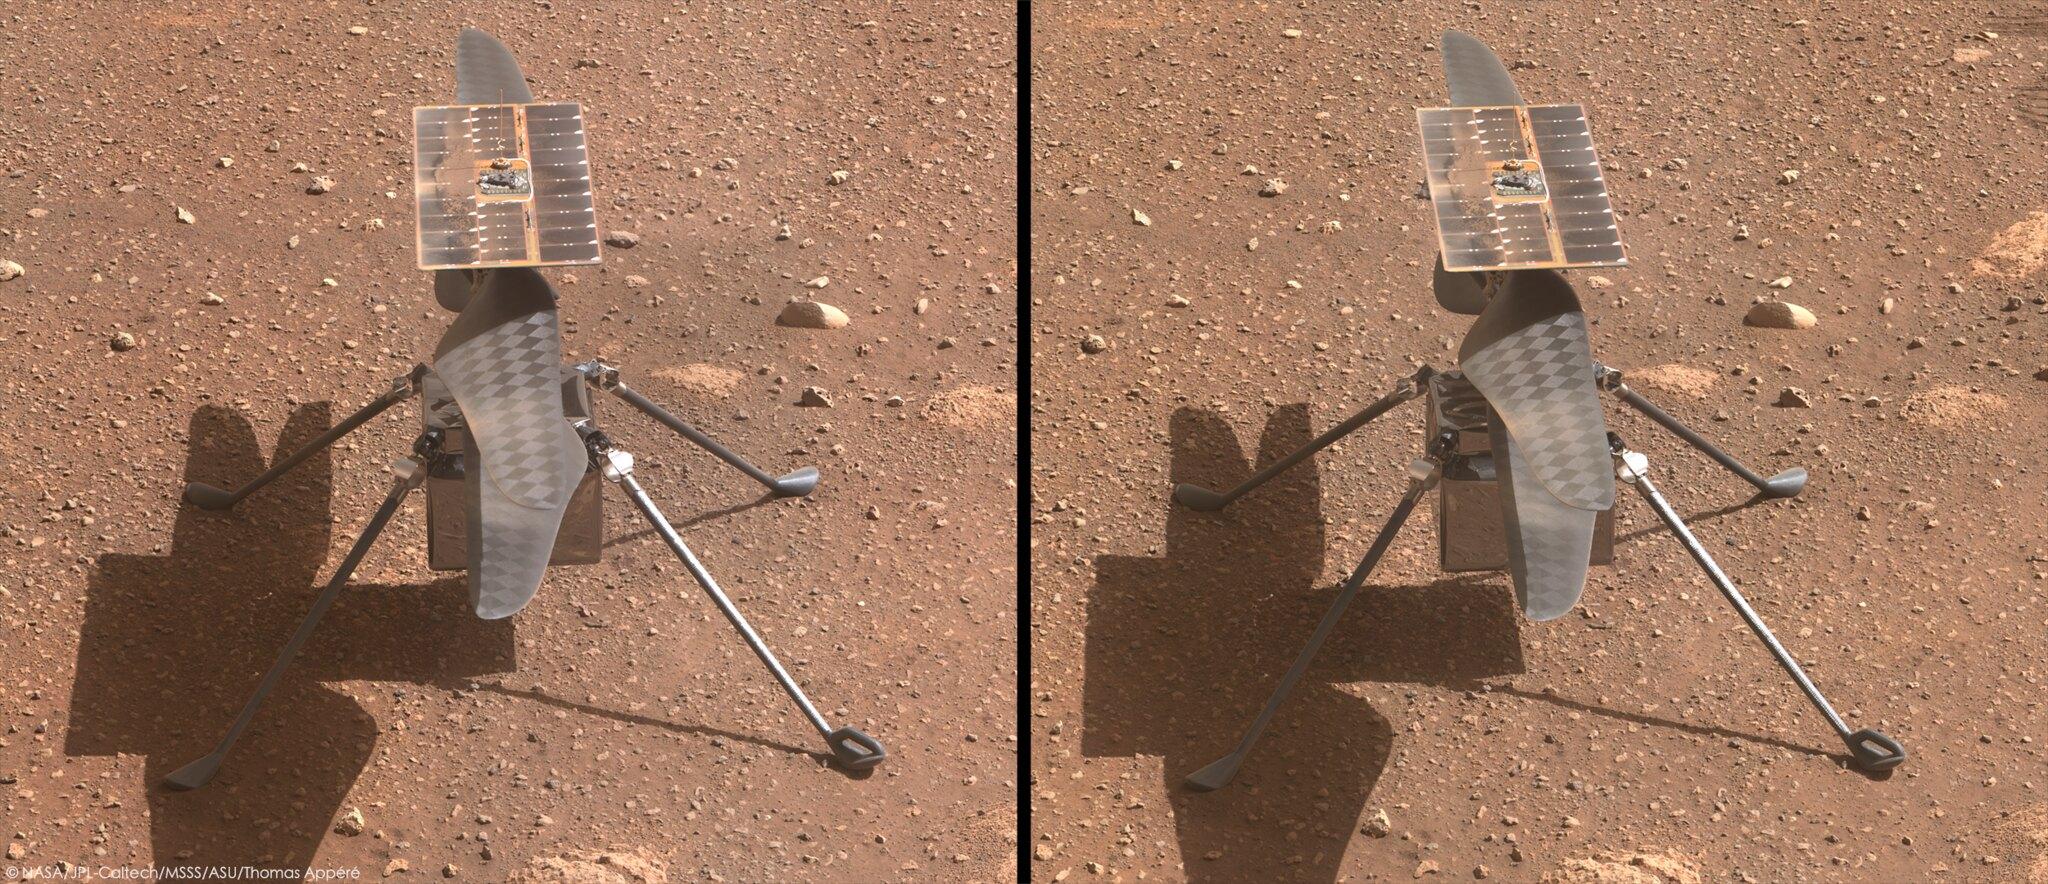 Mars 2020 (Perseverance) : exploration du cratère Jezero - Page 9 11915